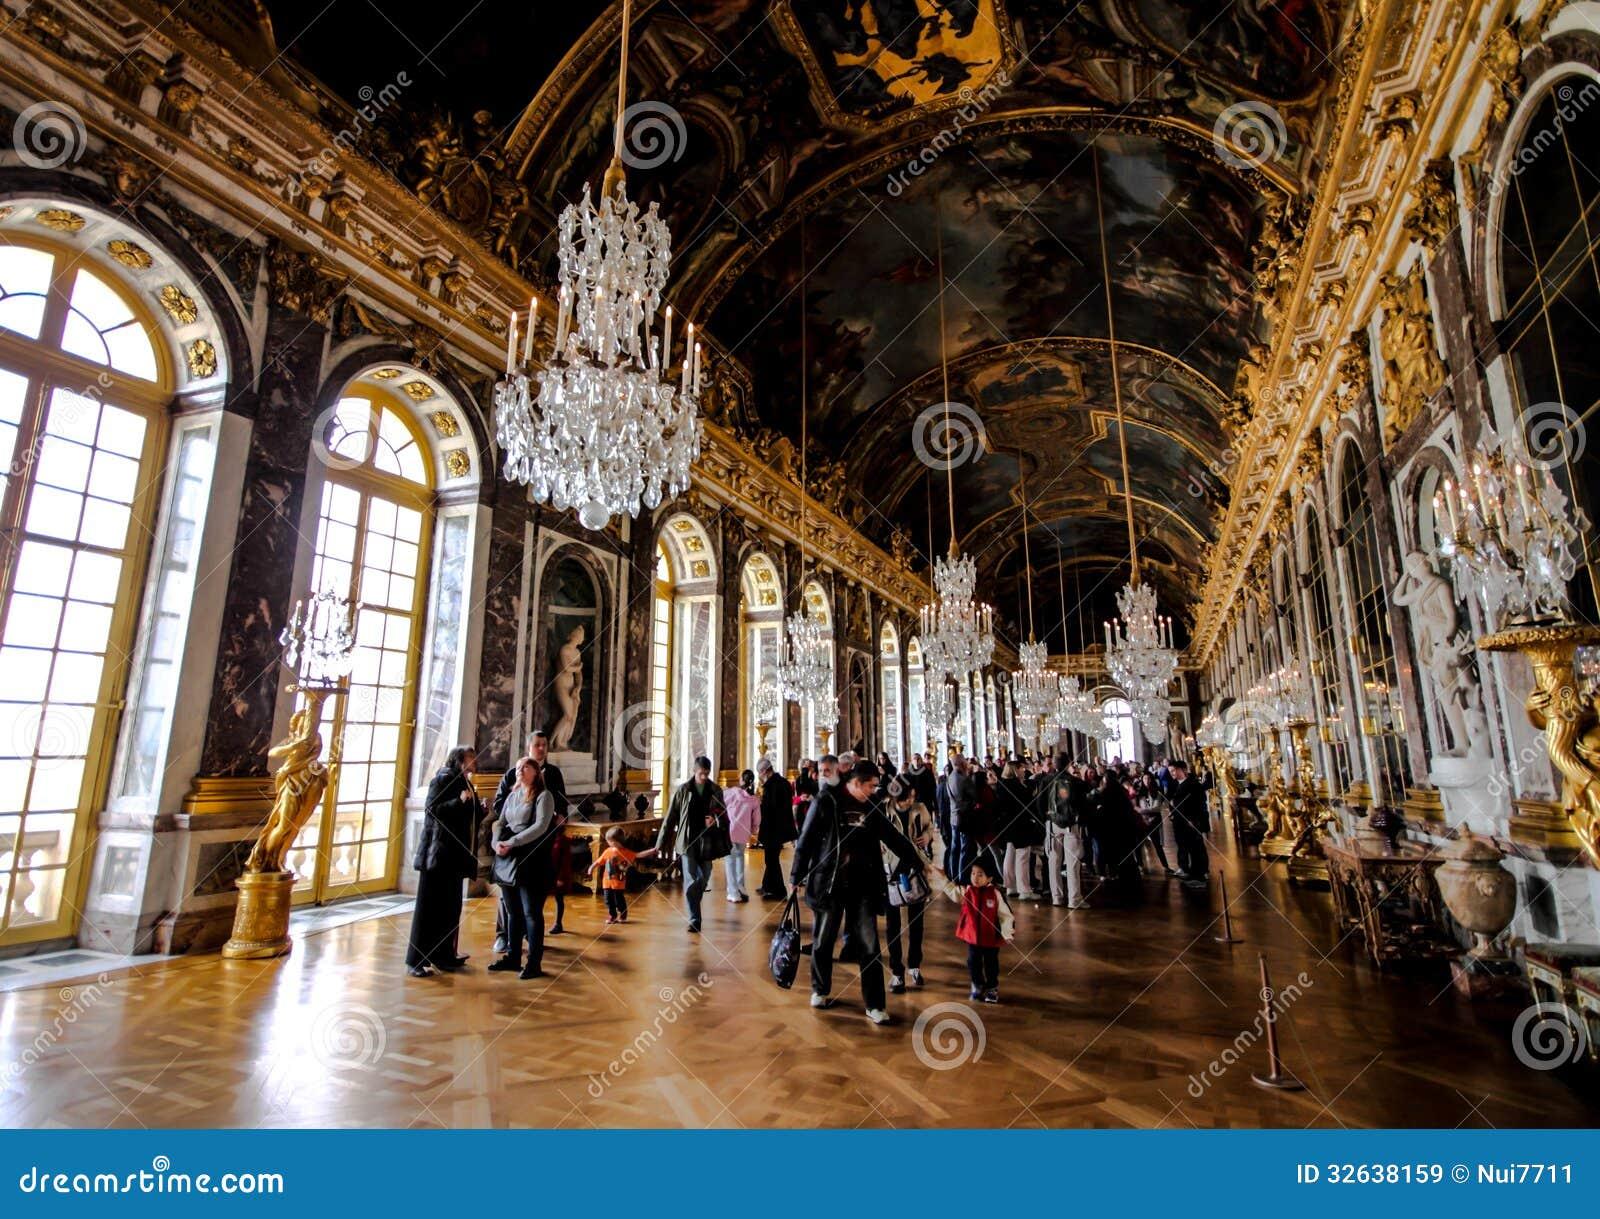 Bezoekers in de zaal van spiegel in het paleis van versailles redactionele stock afbeelding - Versiering van de zaal van het tienermeisje van ...